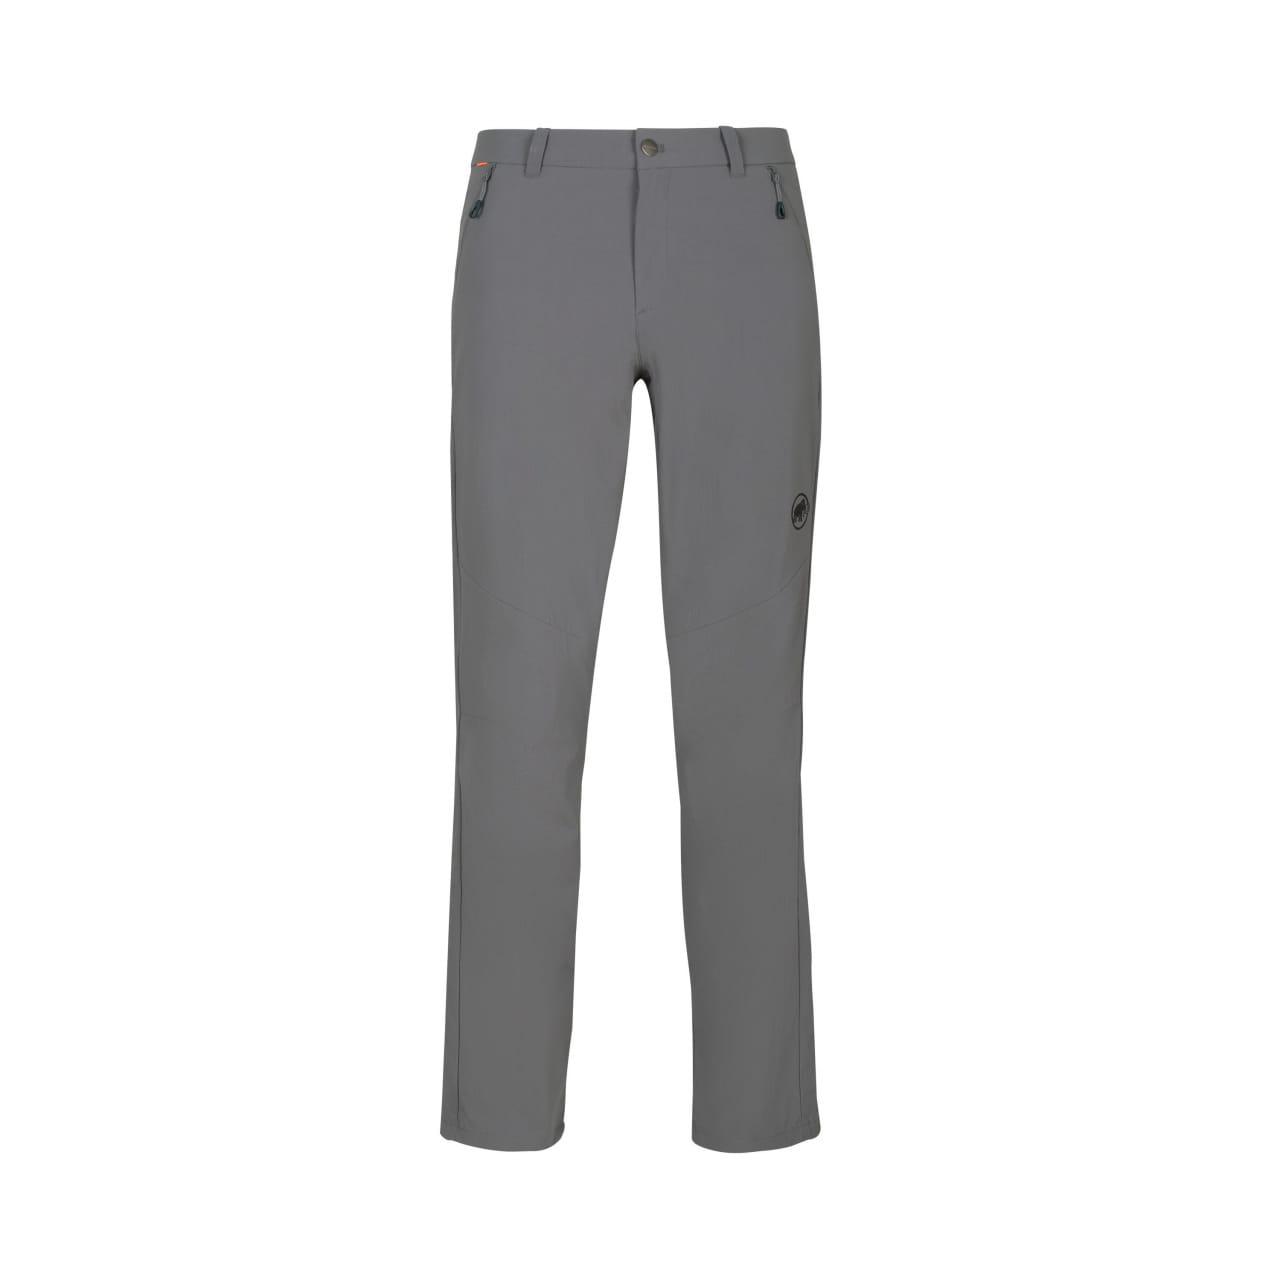 Pánské kalhoty Mammut Hiking Pants Men